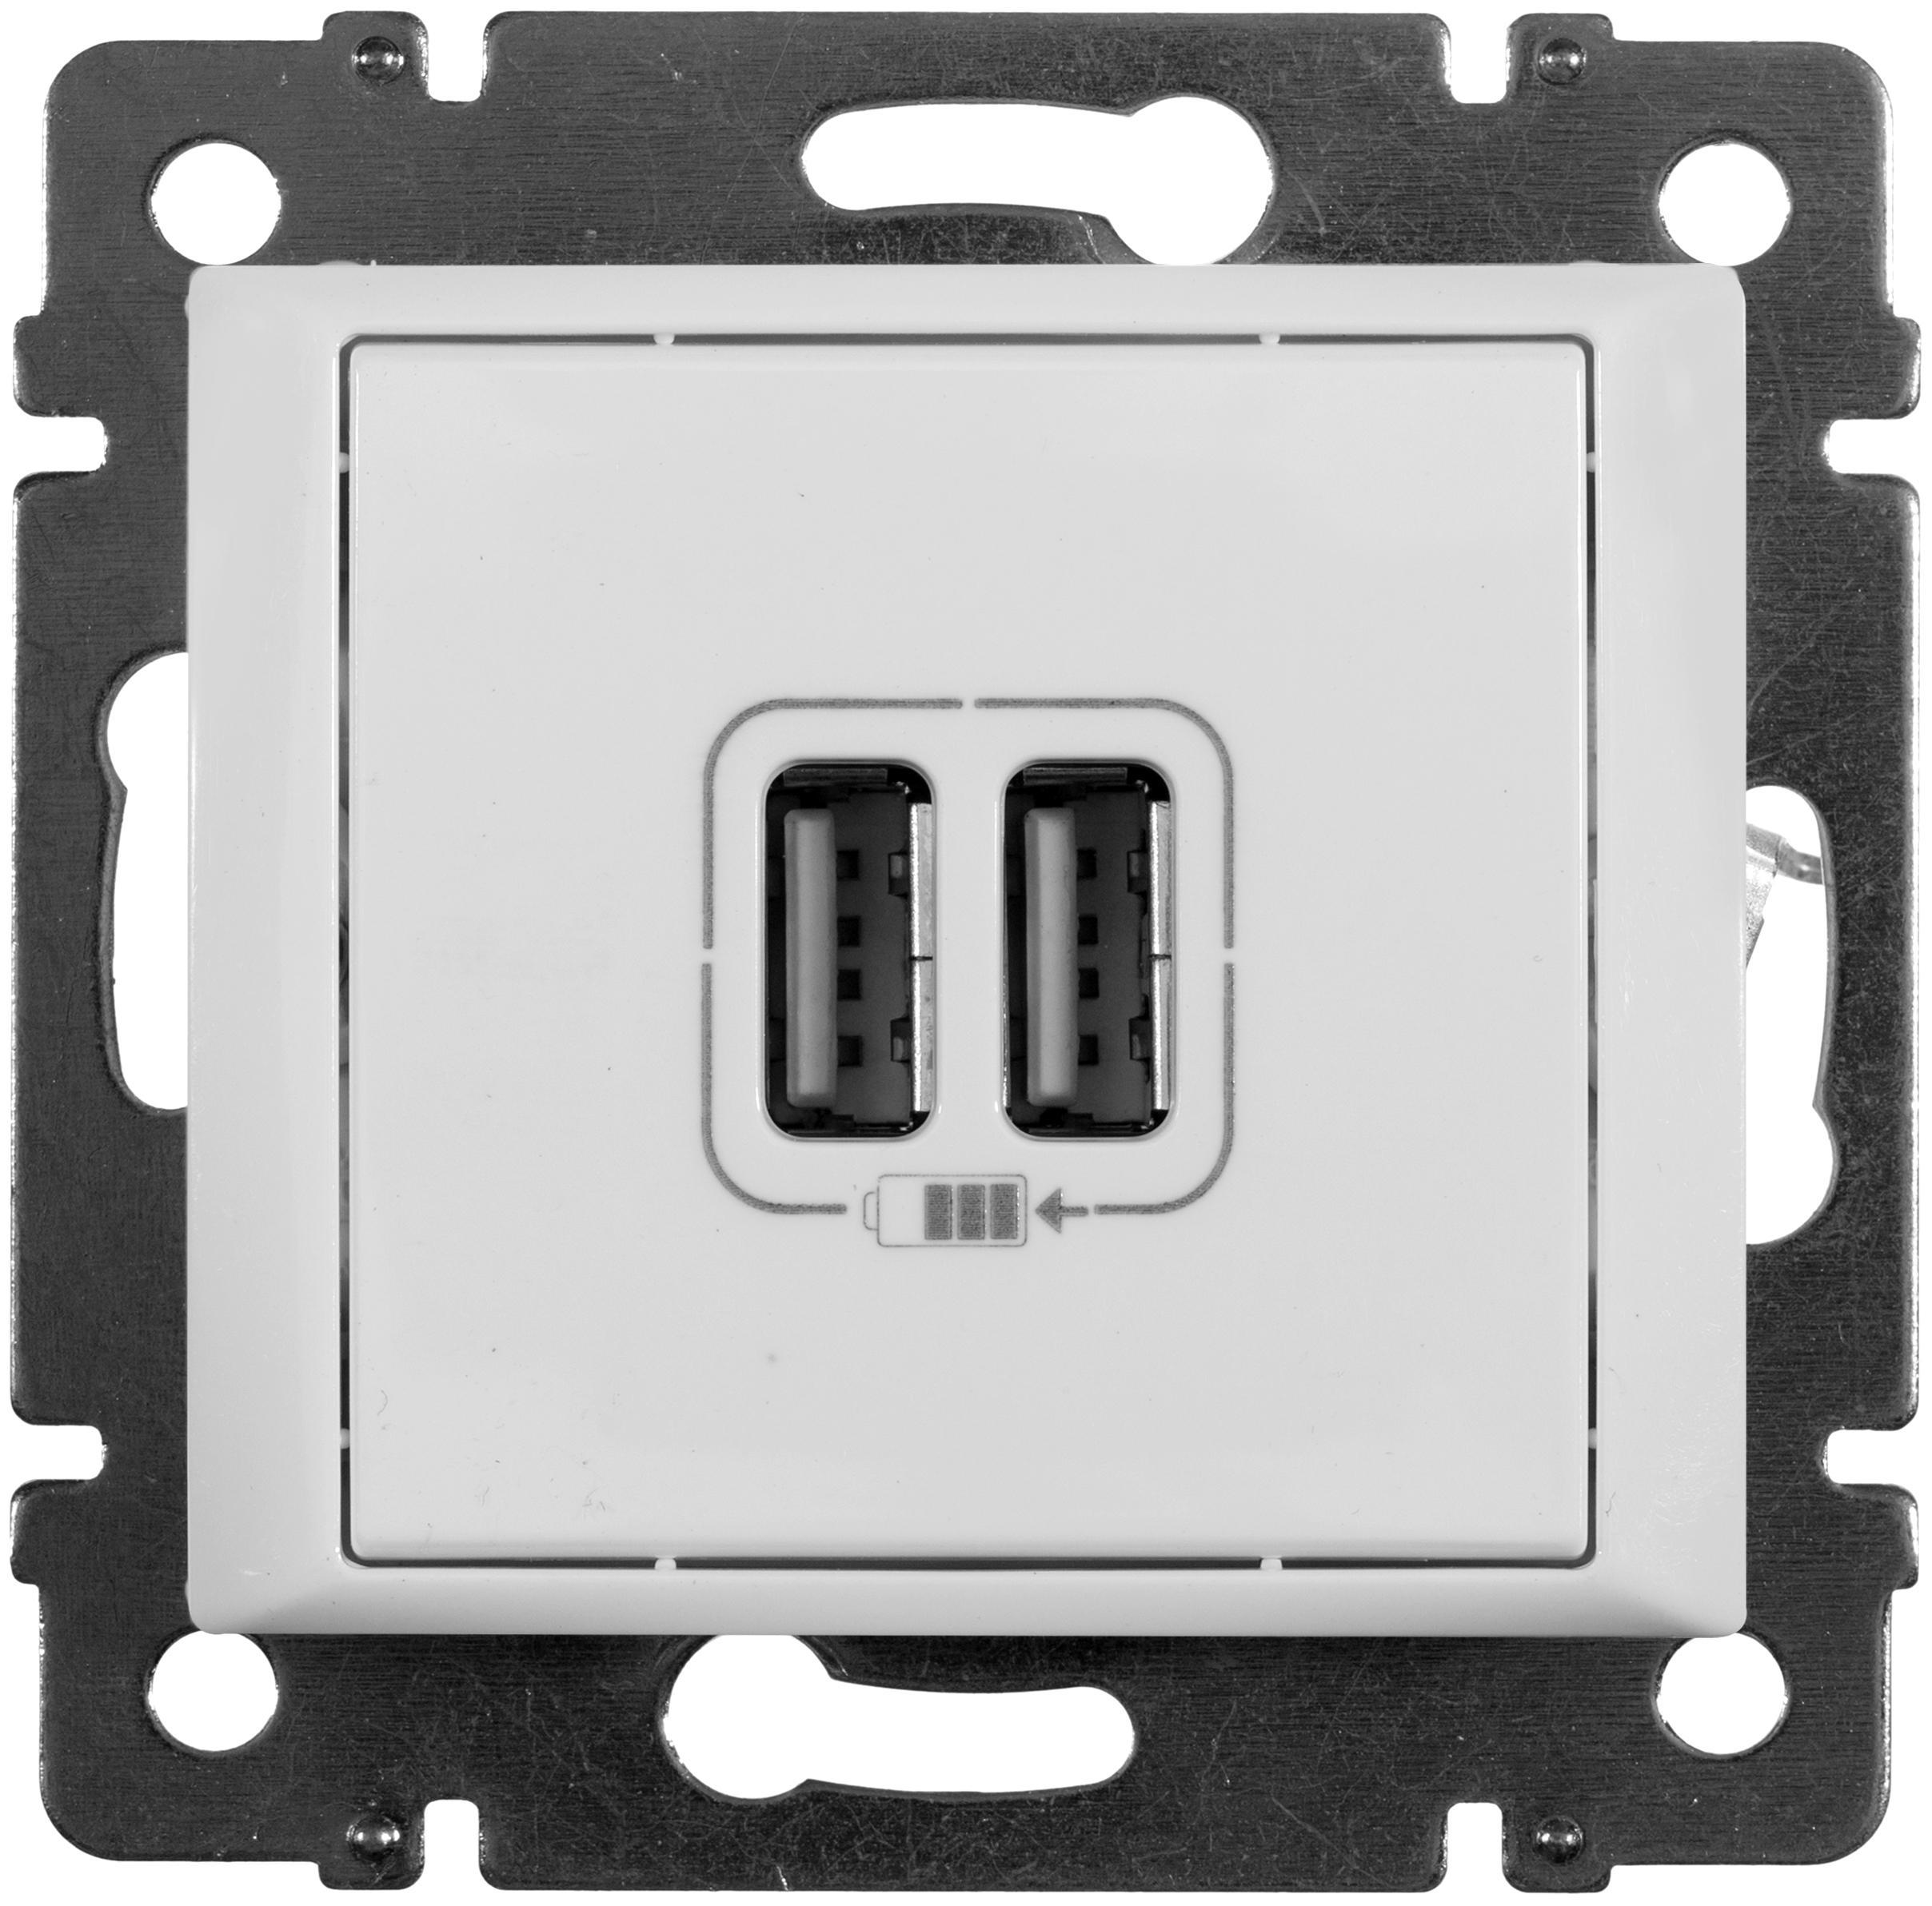 USB розетка Legrand d8258d91-e50e-11e5-8668-000c293b6093